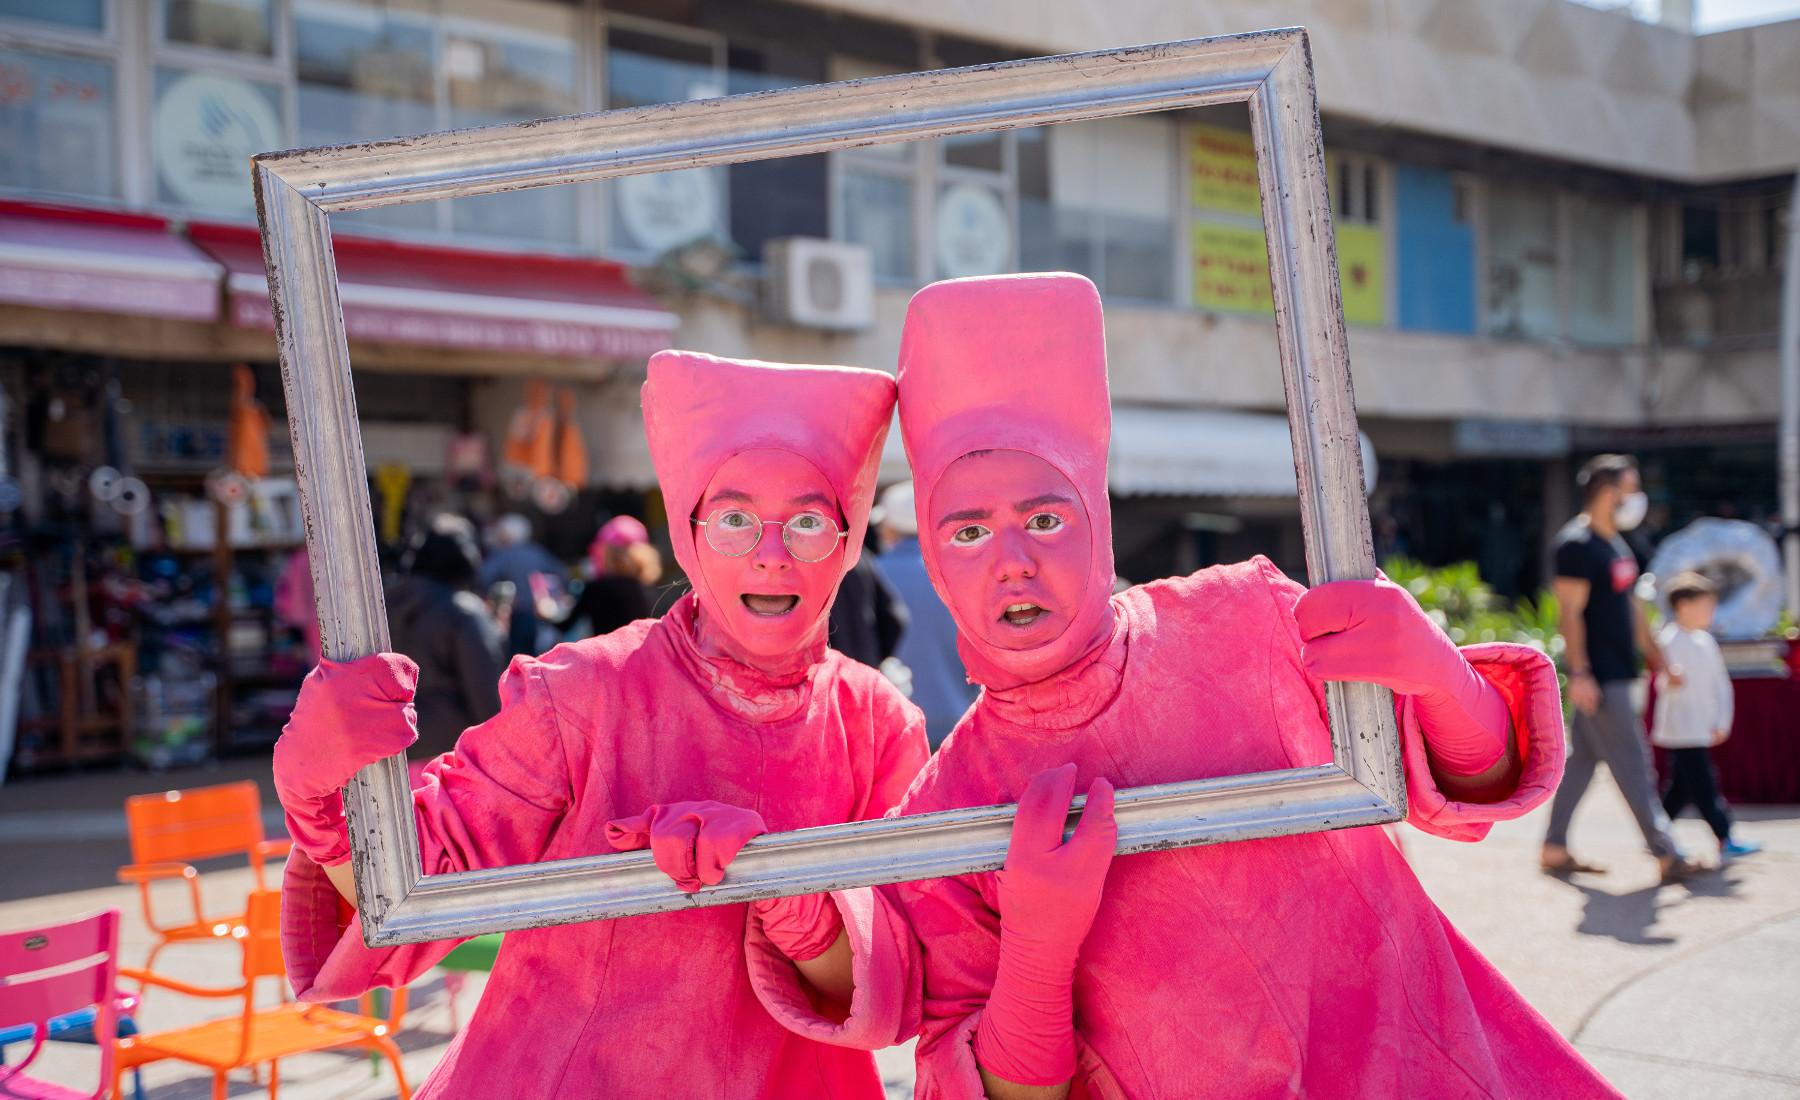 פסטיבל אילת לתיאטרון רחוב חוזר – הכניסה חינם!